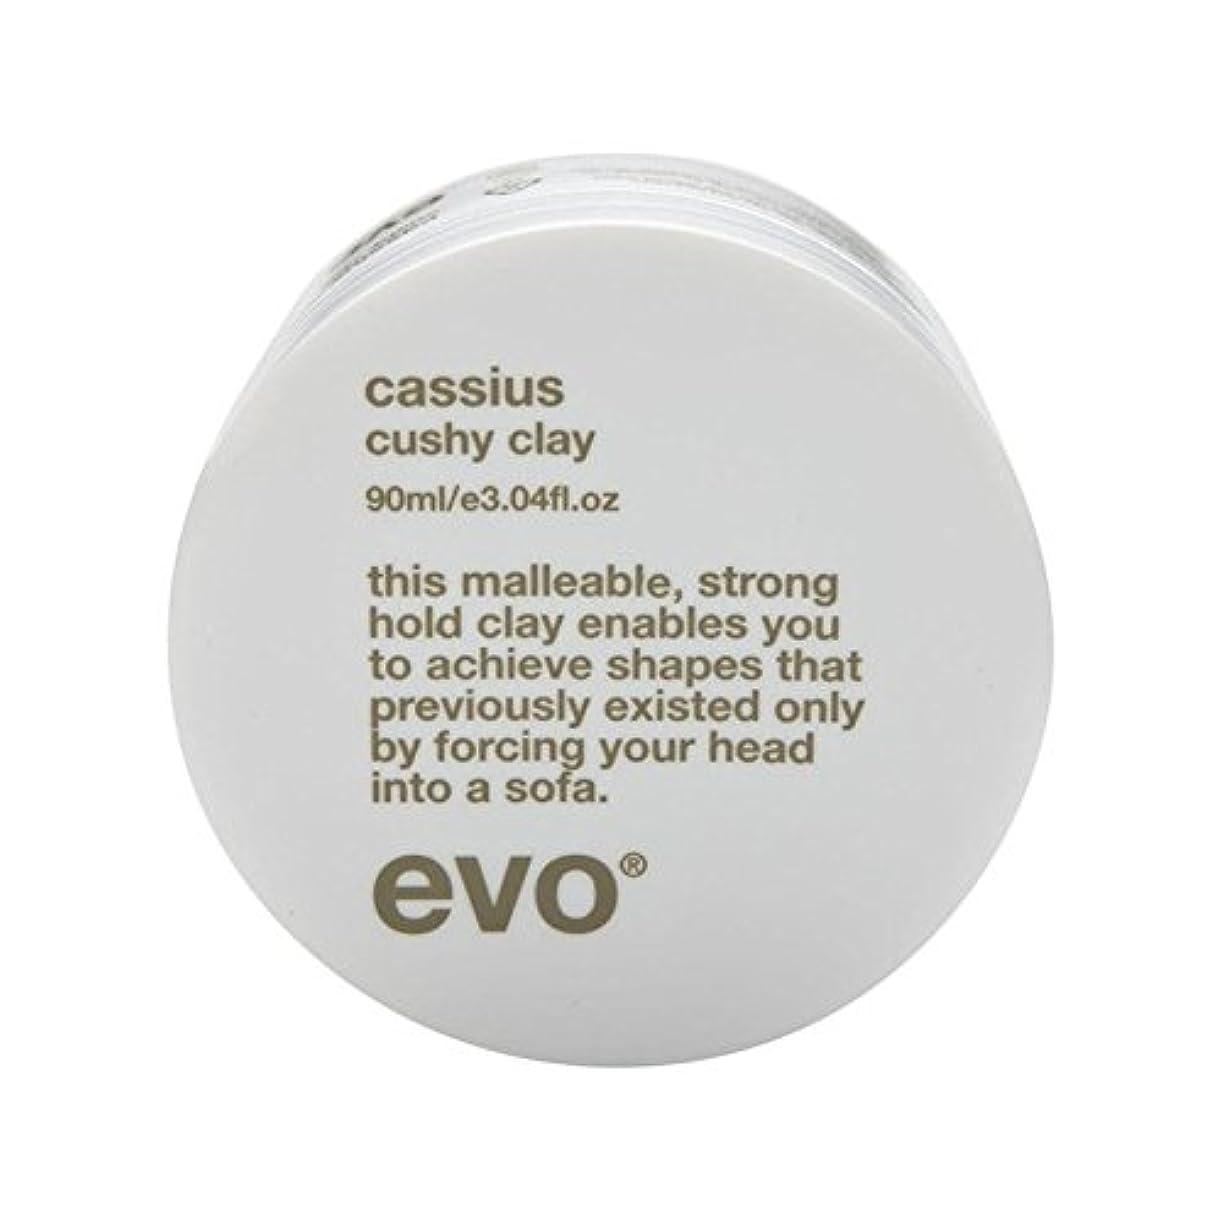 慈悲深いコロニアル刈るEvo Cassius Cushy Clay 90G - エボカシウス楽な粘土90グラム [並行輸入品]